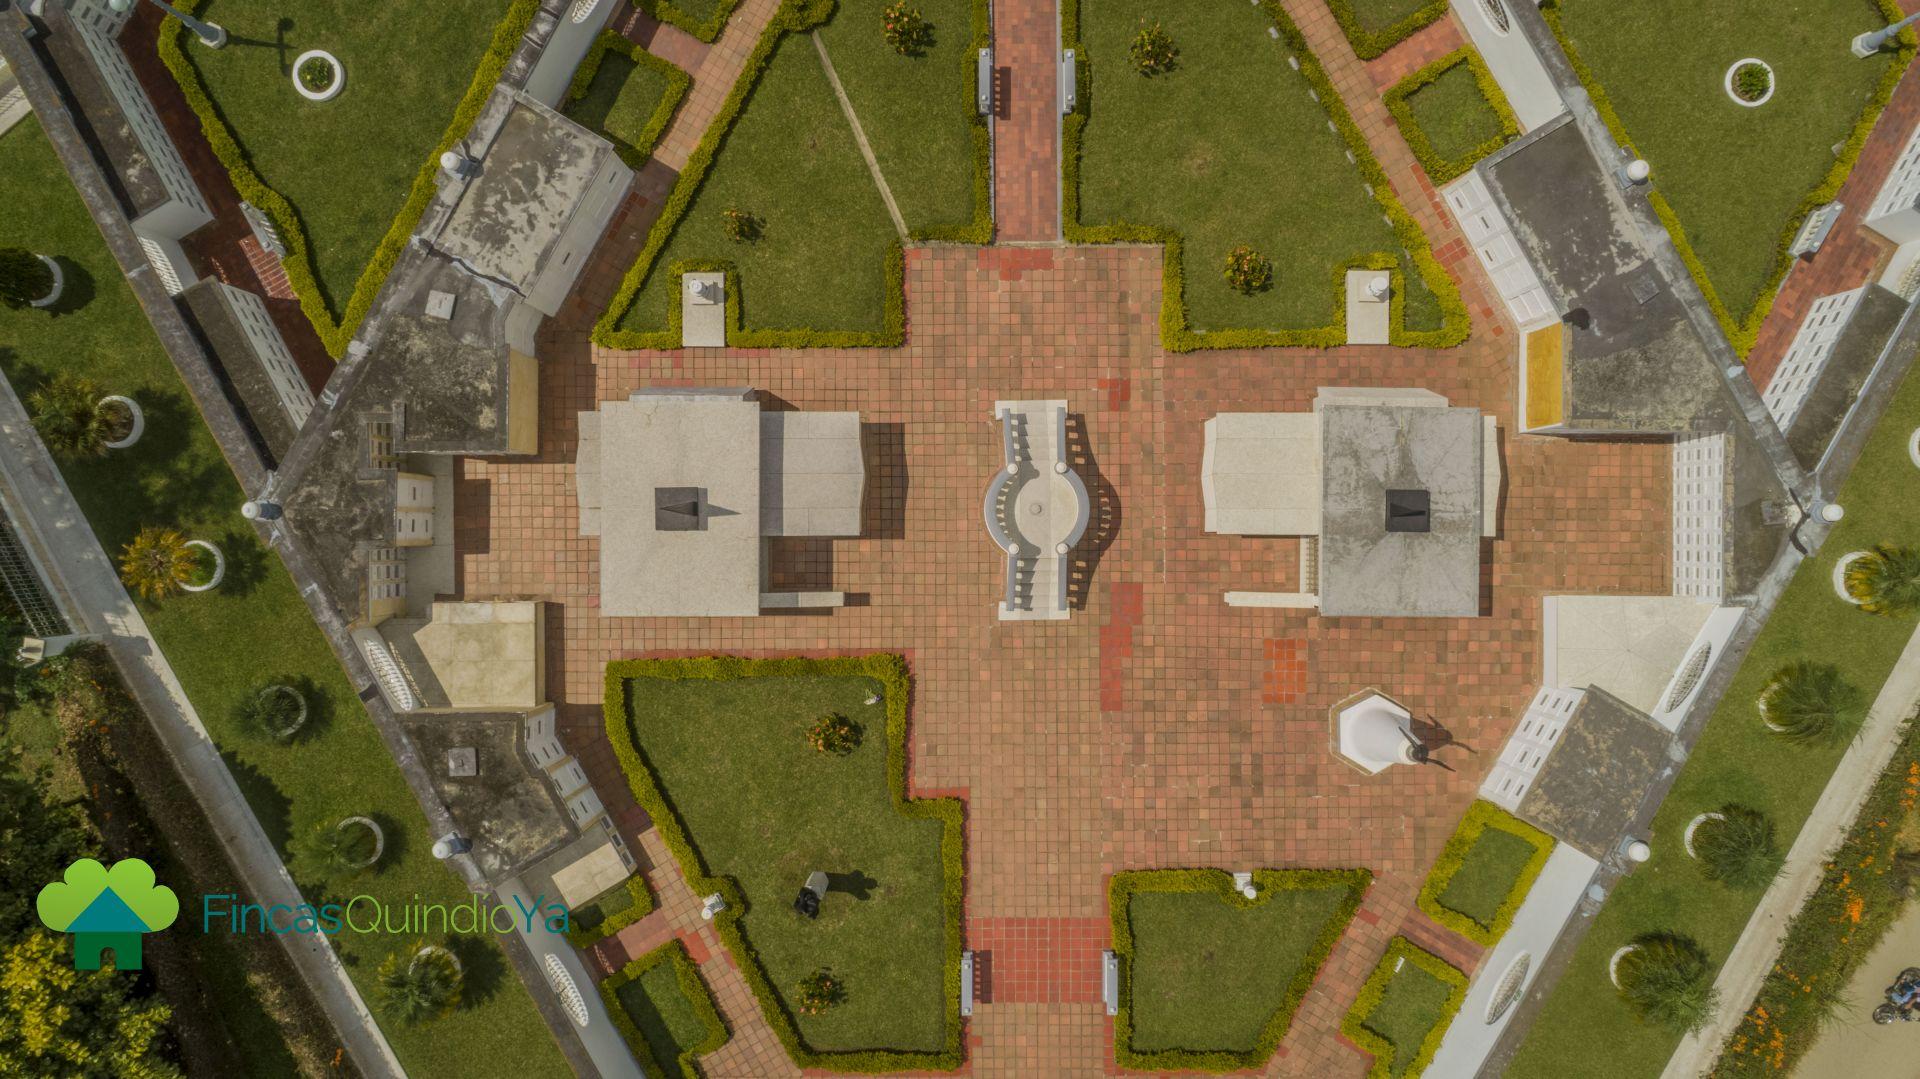 Imagen aerea del cementerio libre